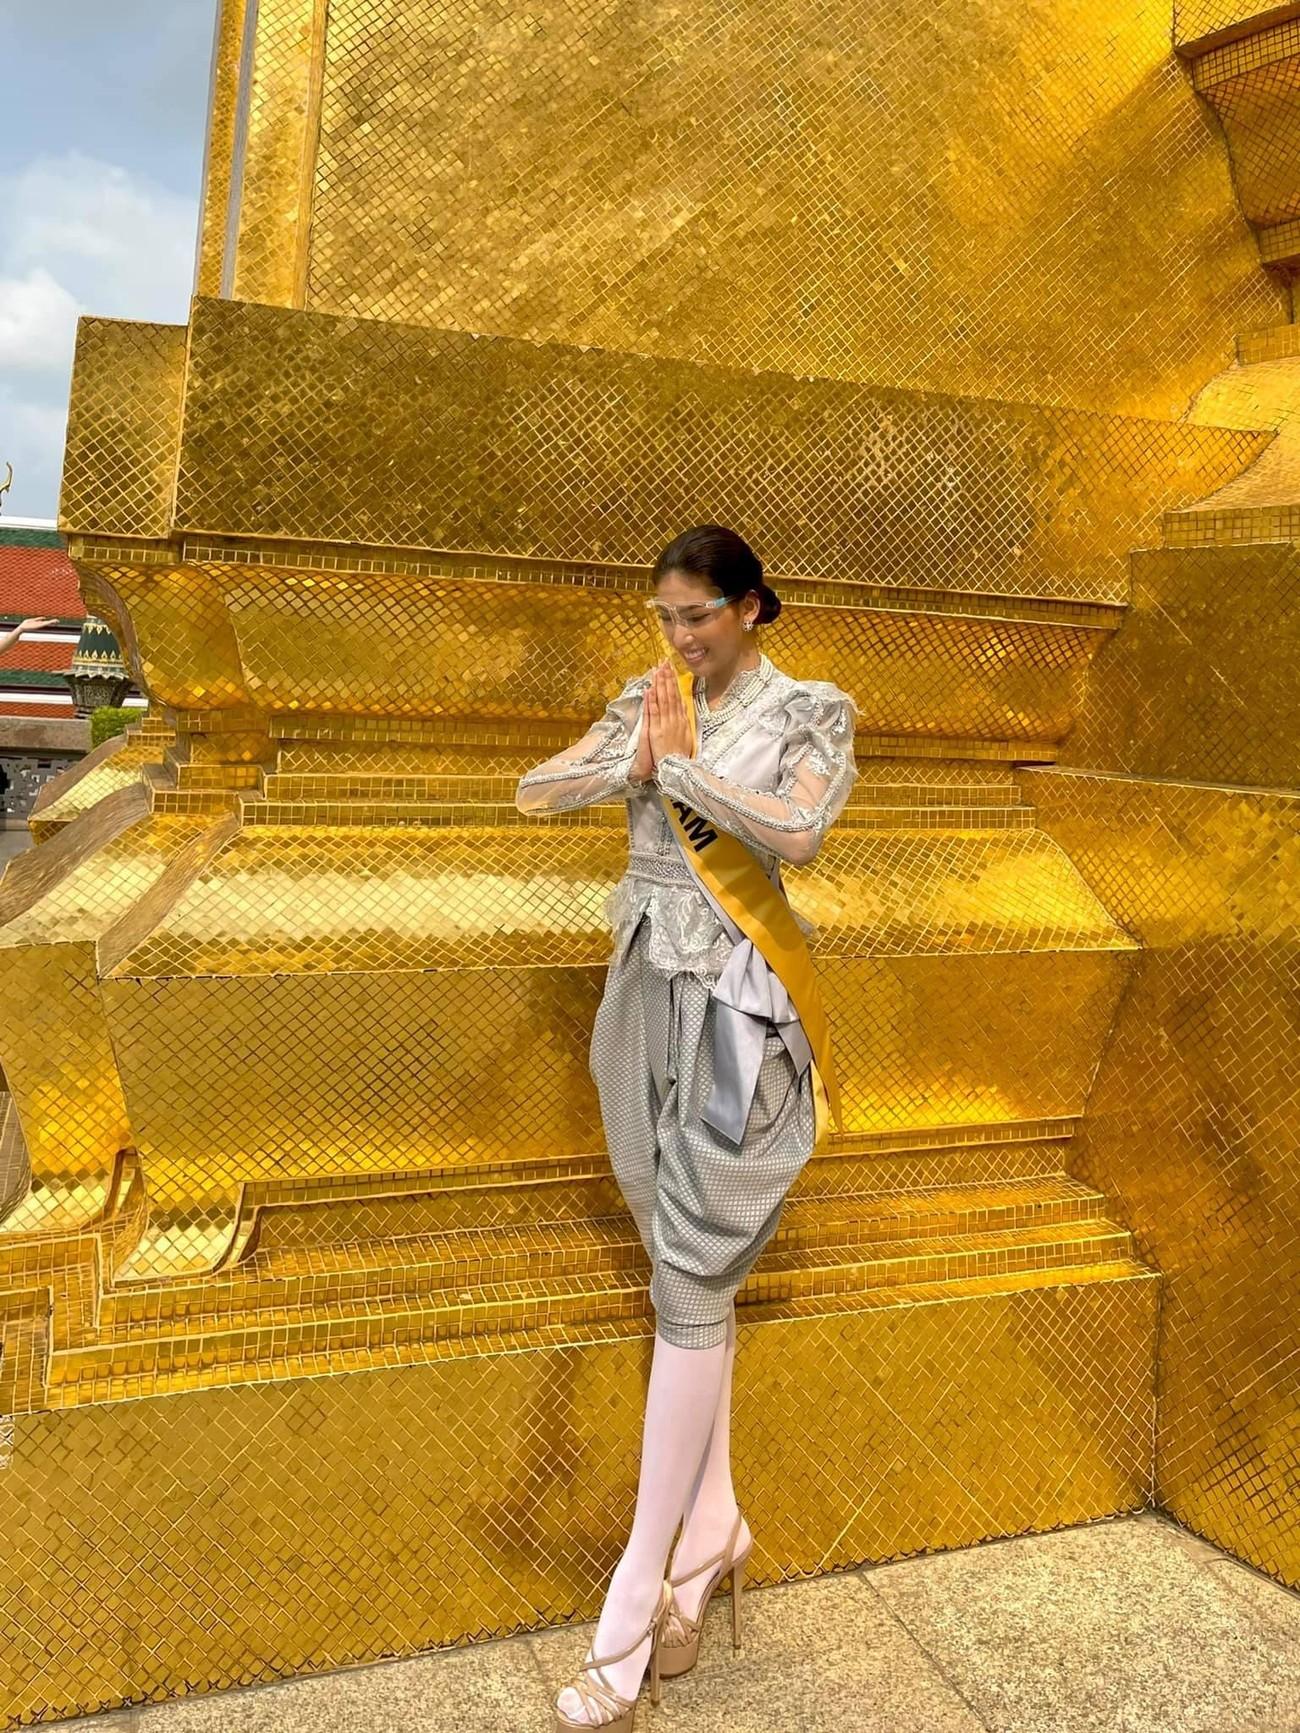 Ngày thứ 3 ở Miss Grand, Ngọc Thảo hoá gái Thái xinh đẹp đi vãn cảnh chùa Vàng ảnh 4